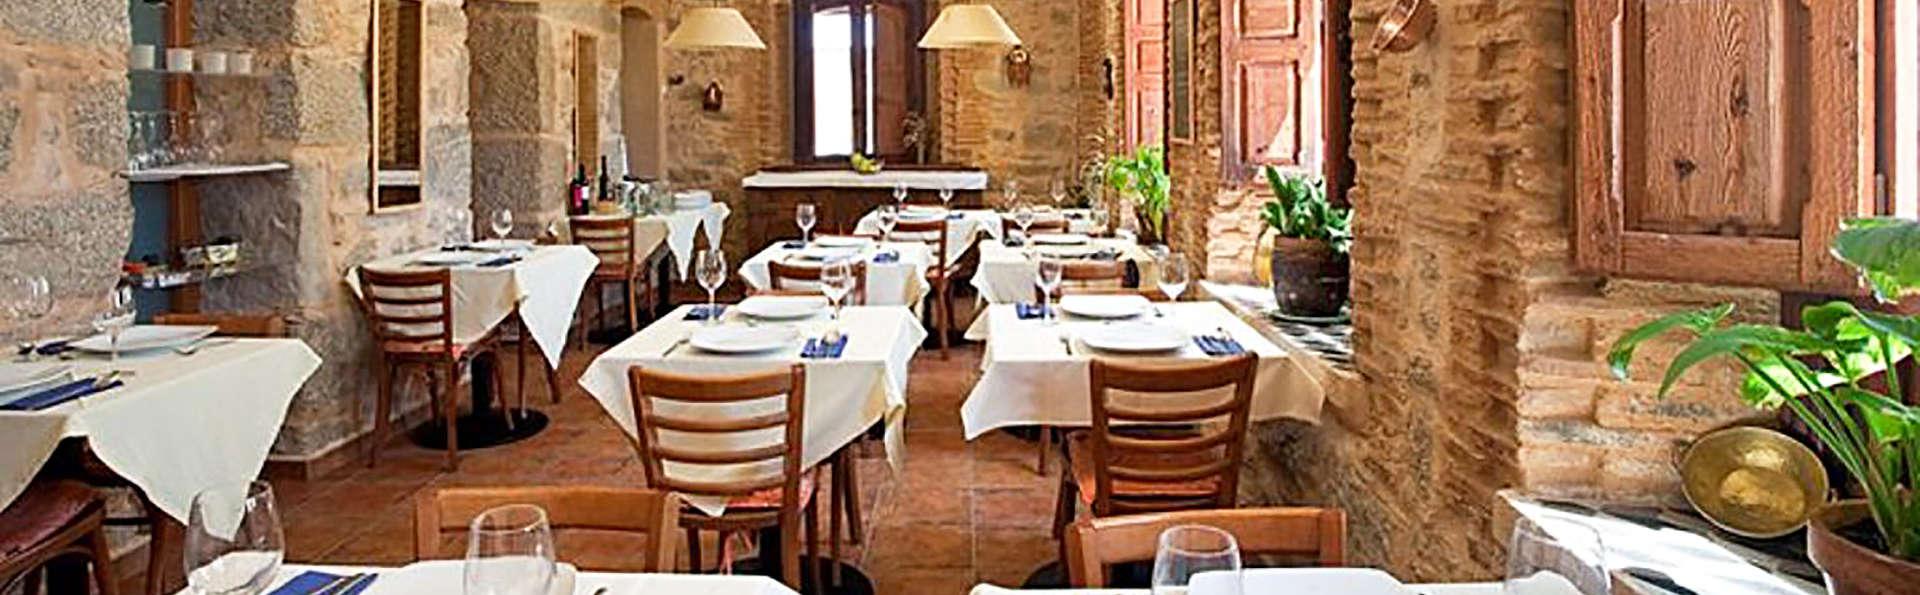 Escapada romántica y relax con cena incluida y circuito termal en Balneario en medio la naturaleza